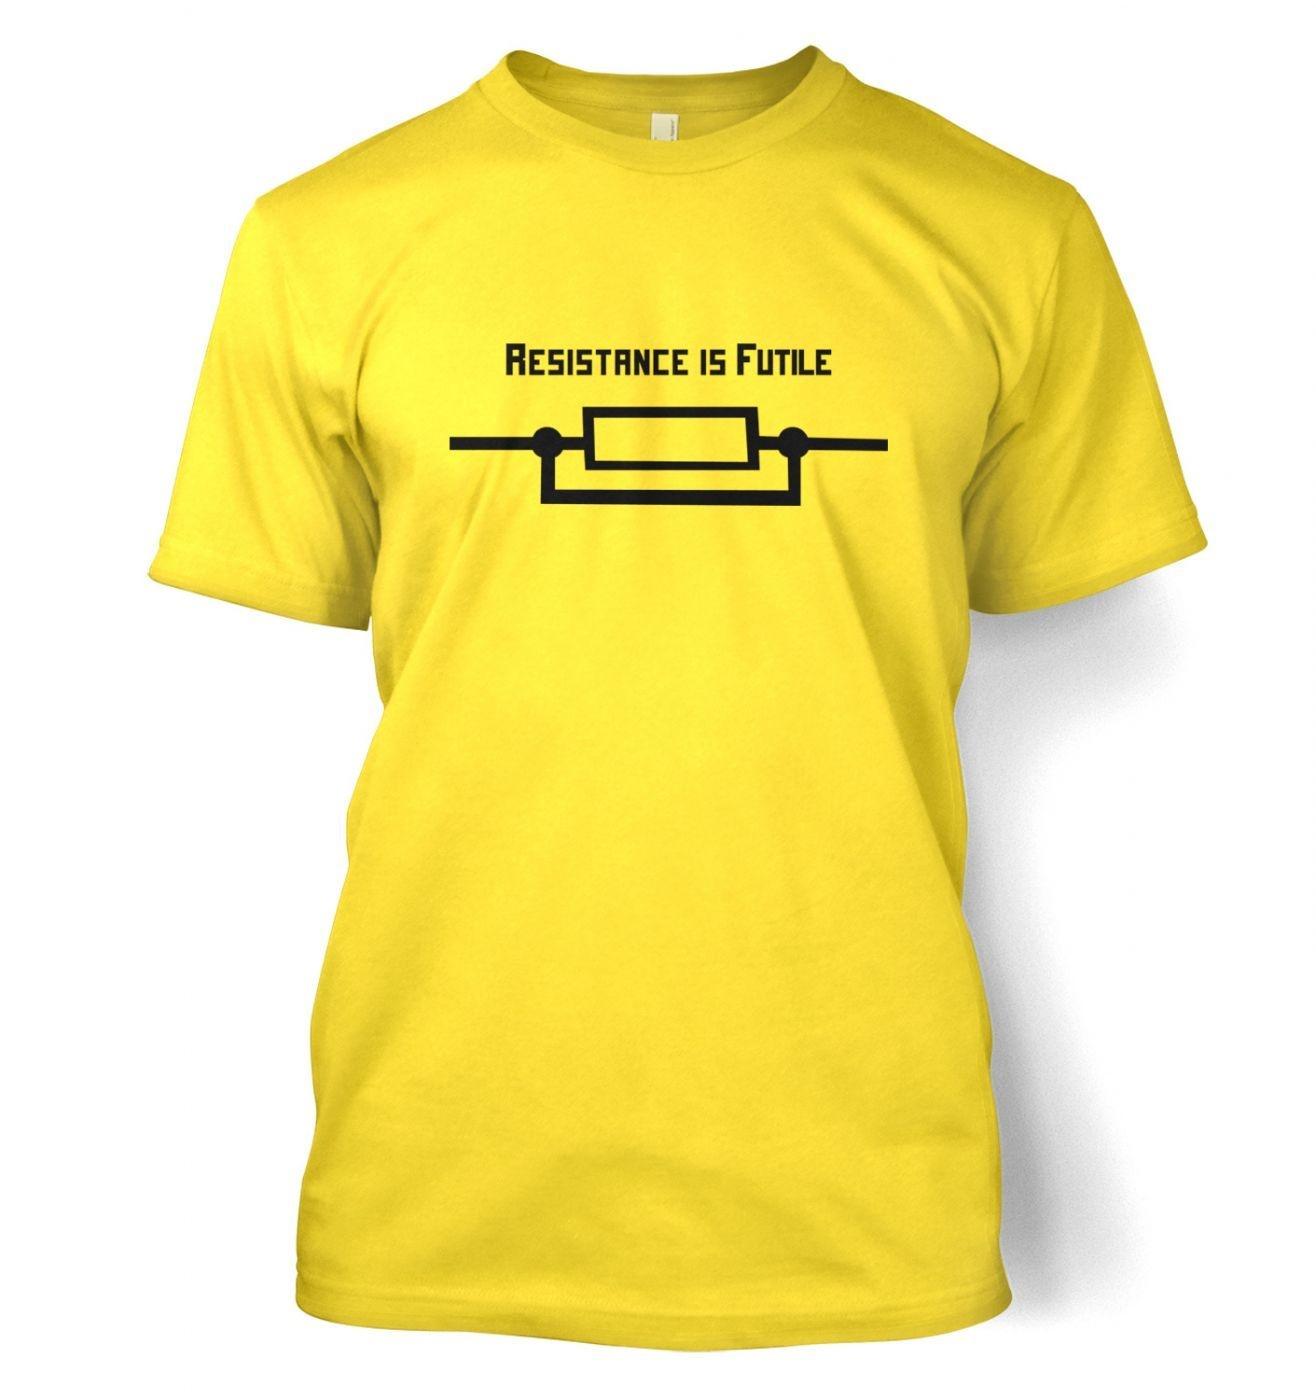 Resistance Is Futile (EU) men's t-shirt